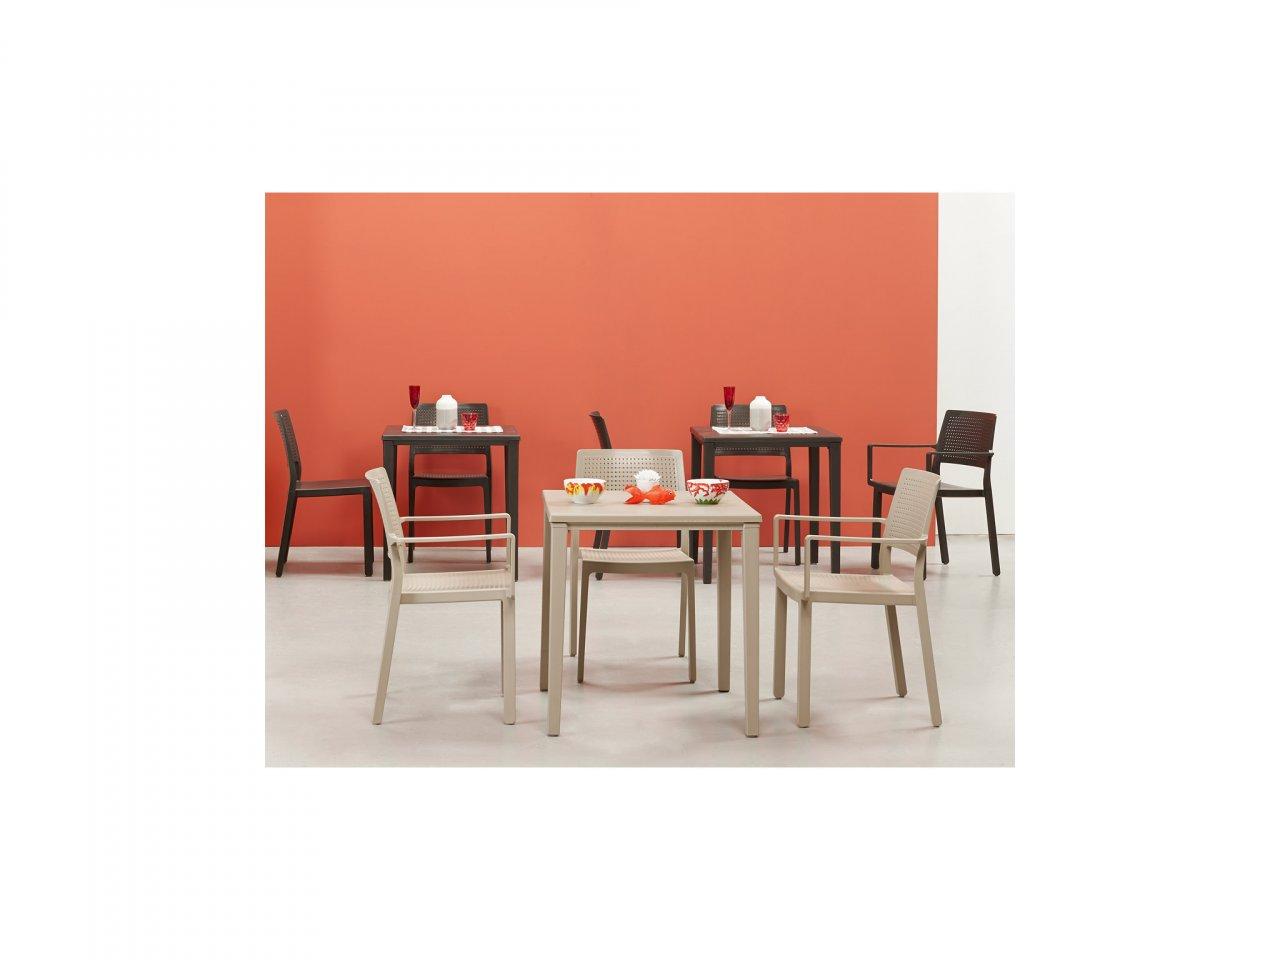 Sedia Con Braccioli Emi - v2